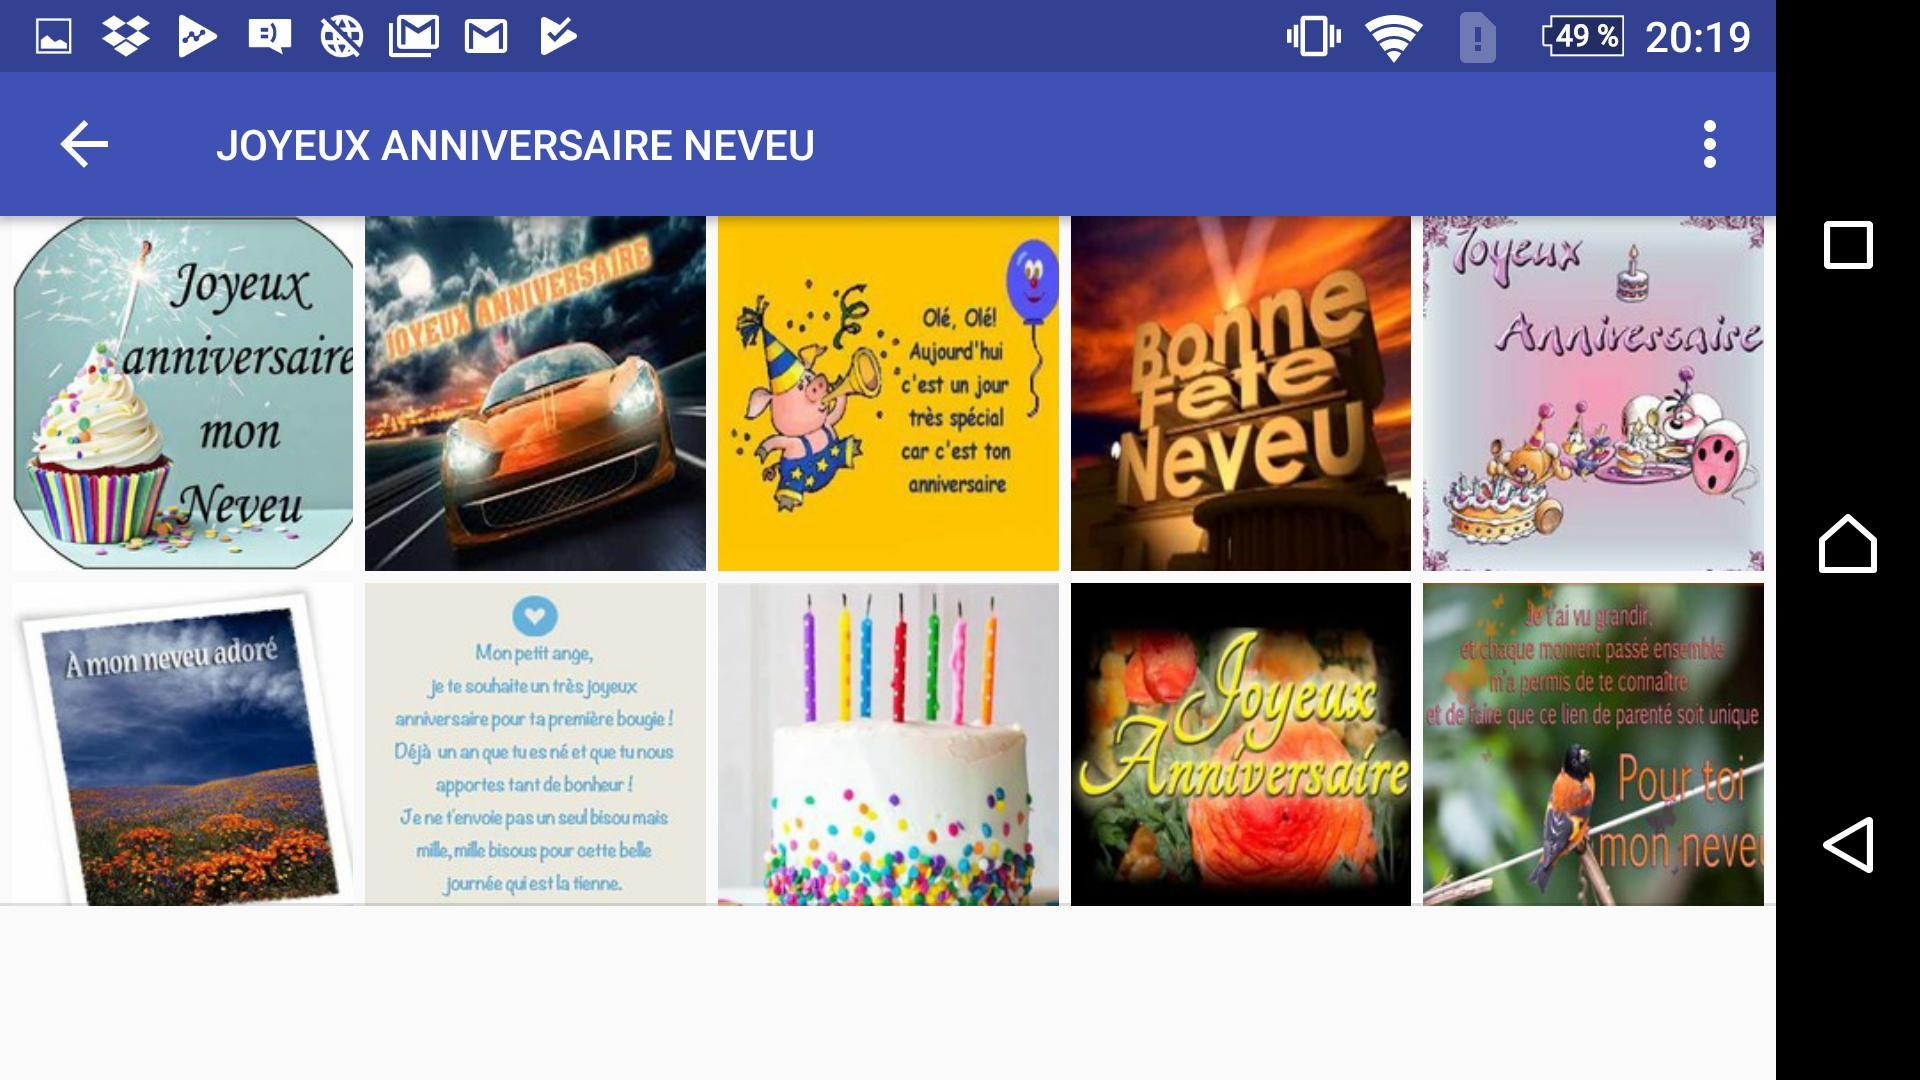 Joyeux Anniversaire Neveu For Android Apk Download